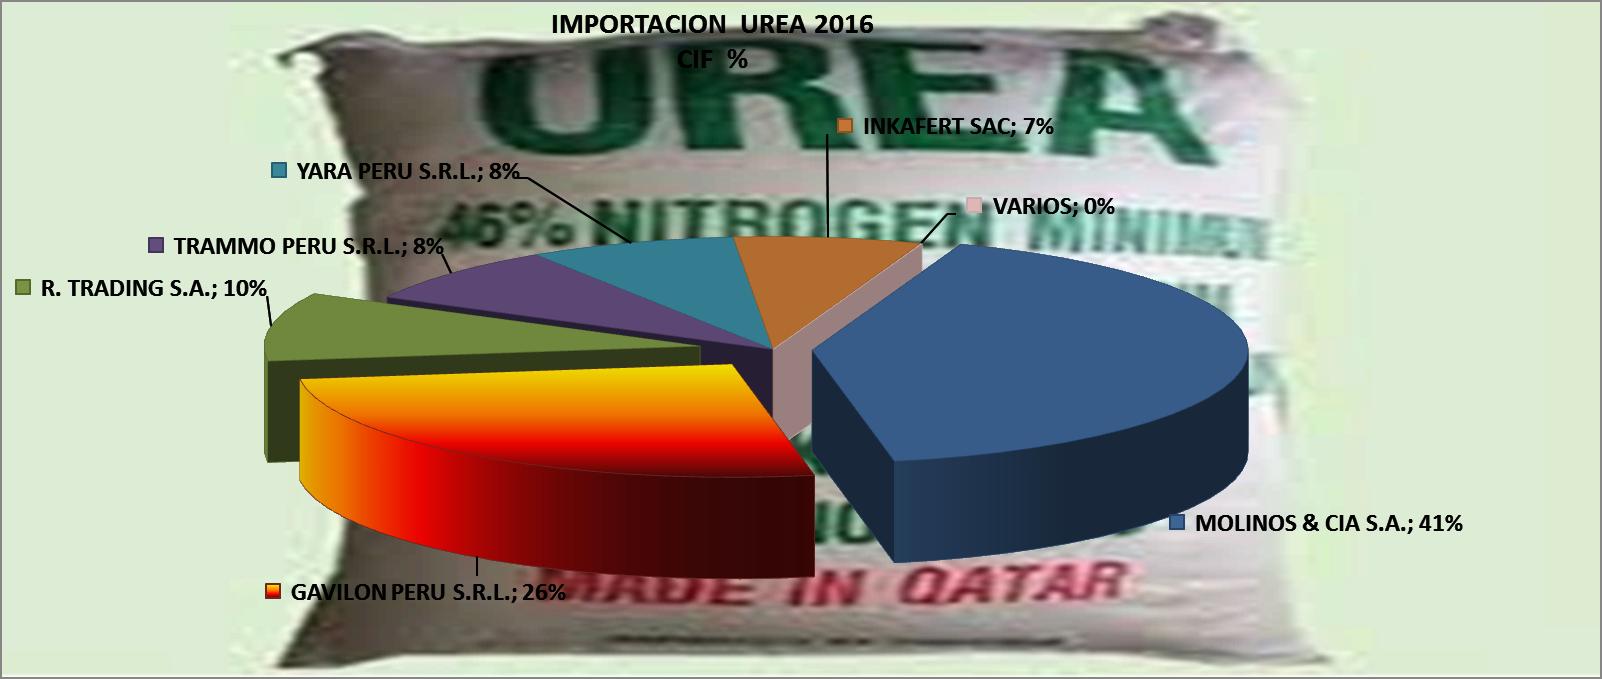 Urea Perú Importación 2016 Octubre